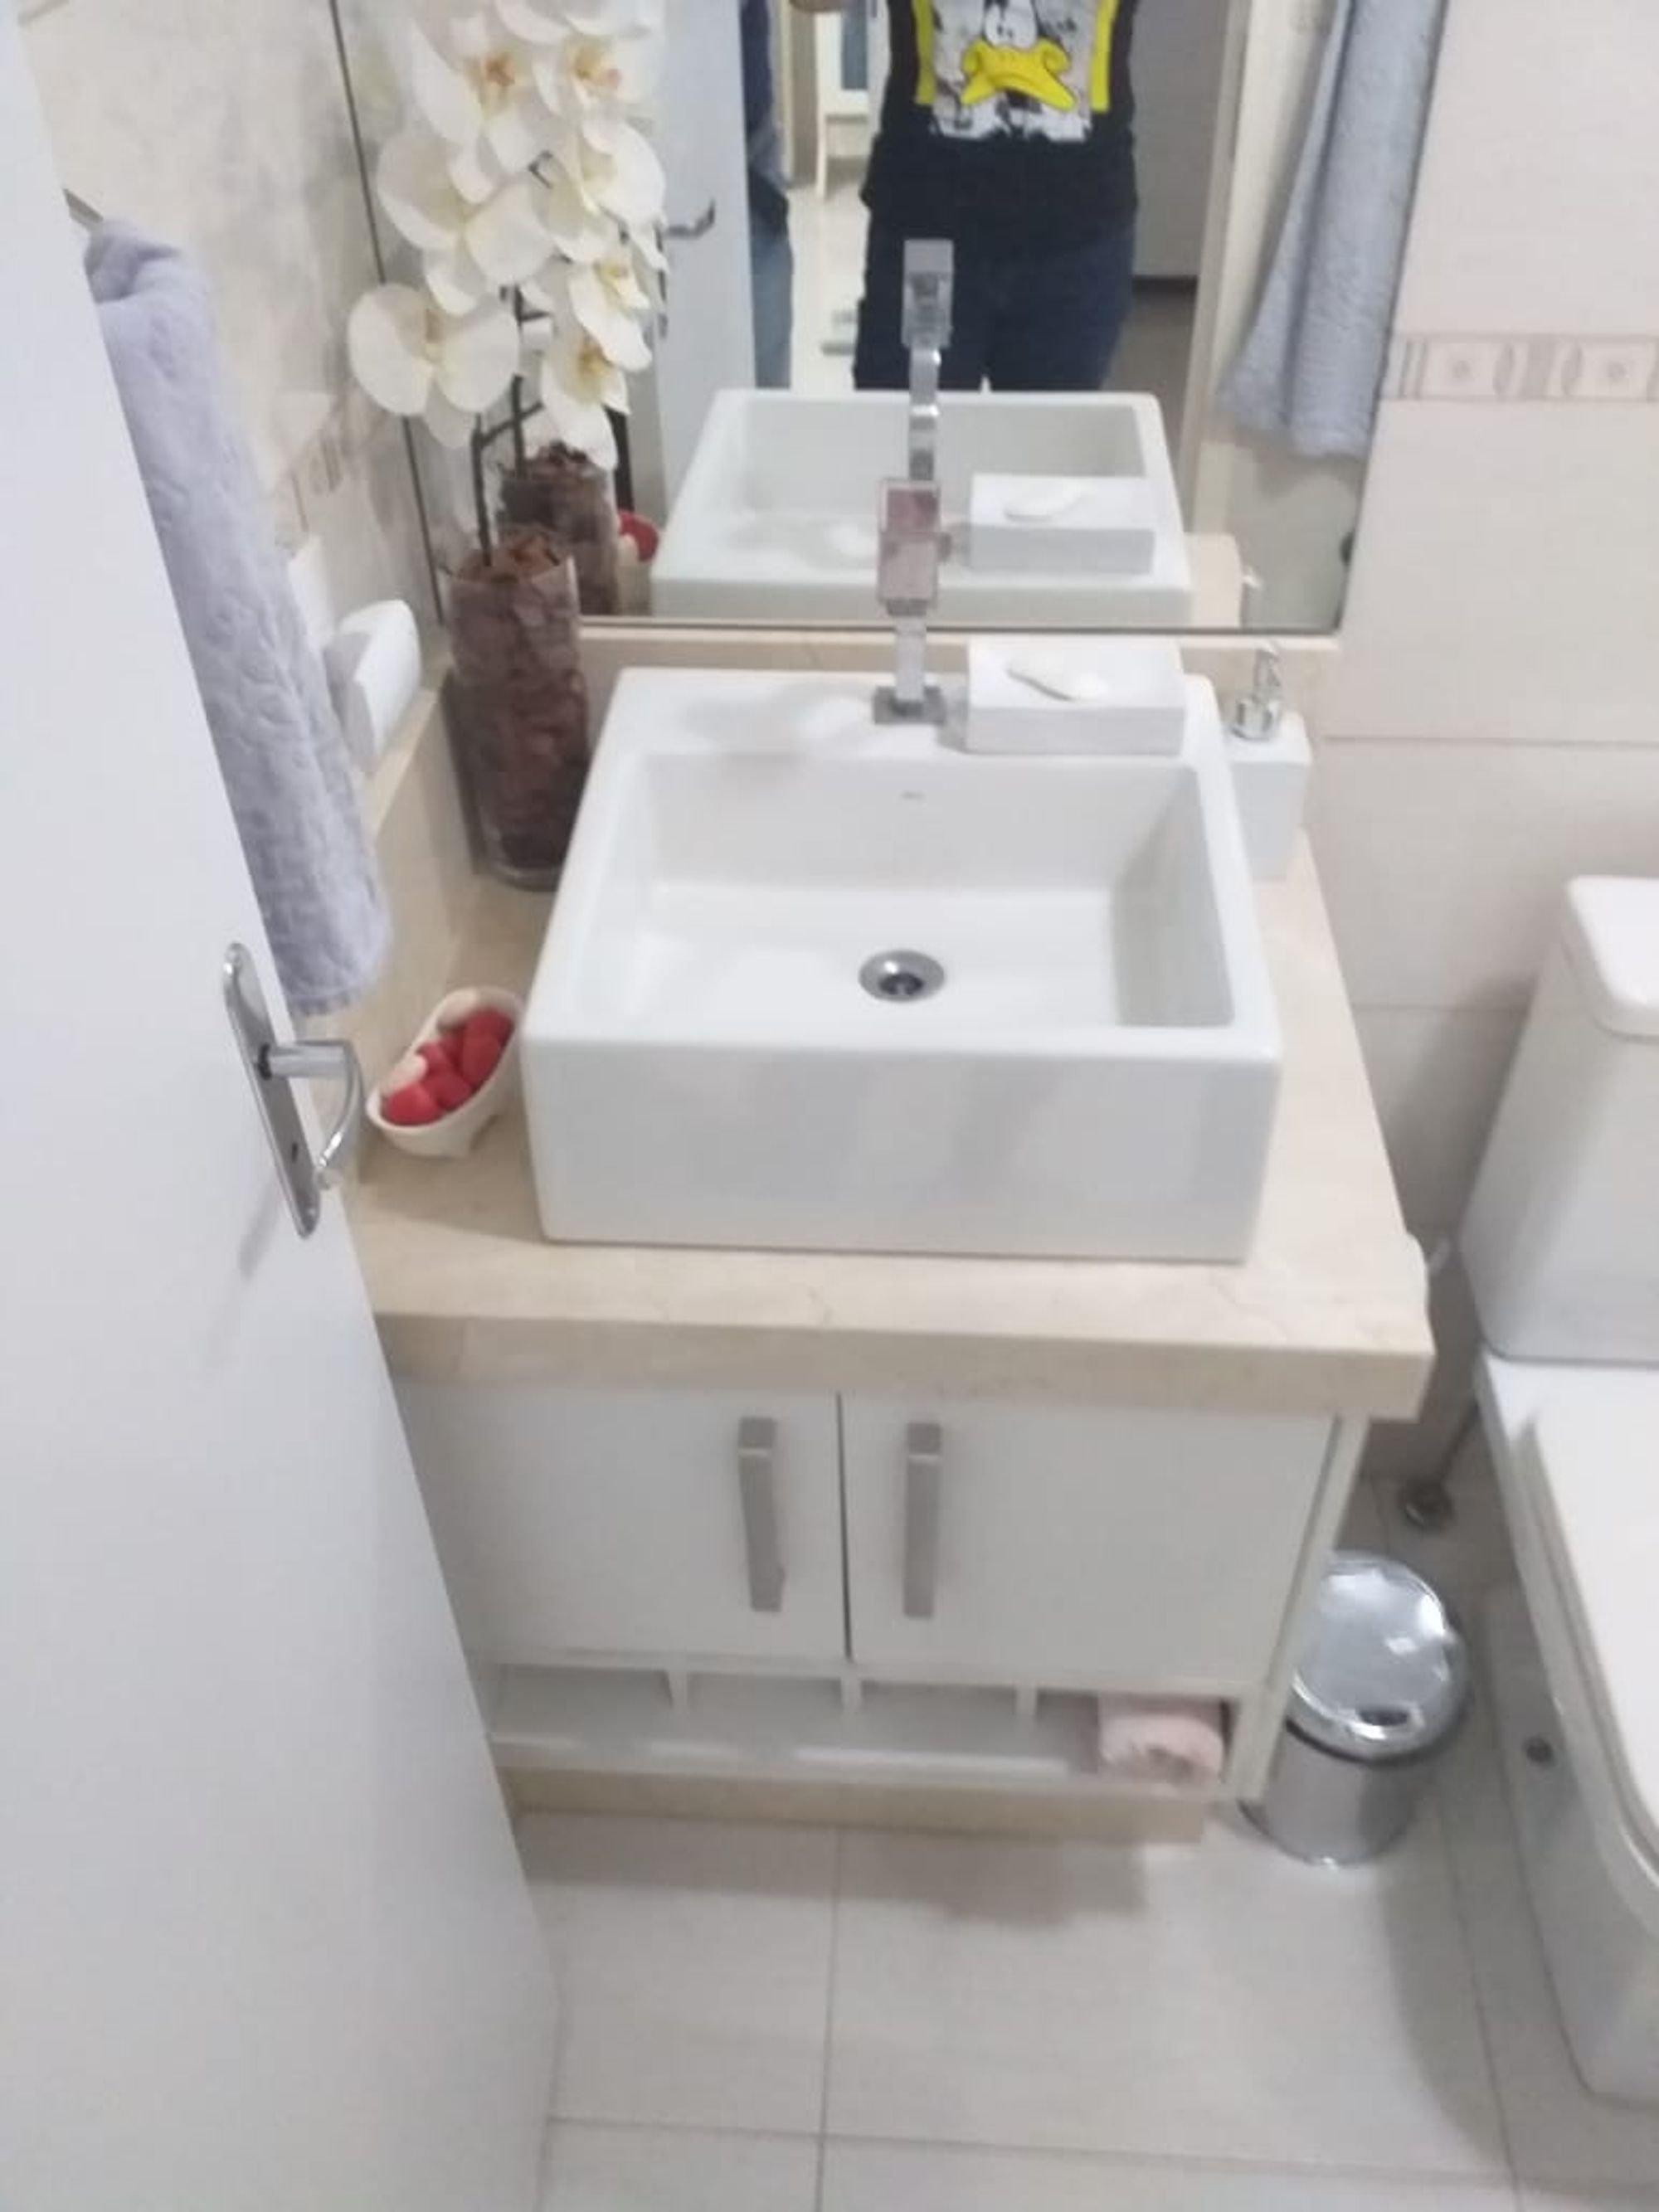 Foto de Banheiro com vaso sanitário, pia, pessoa